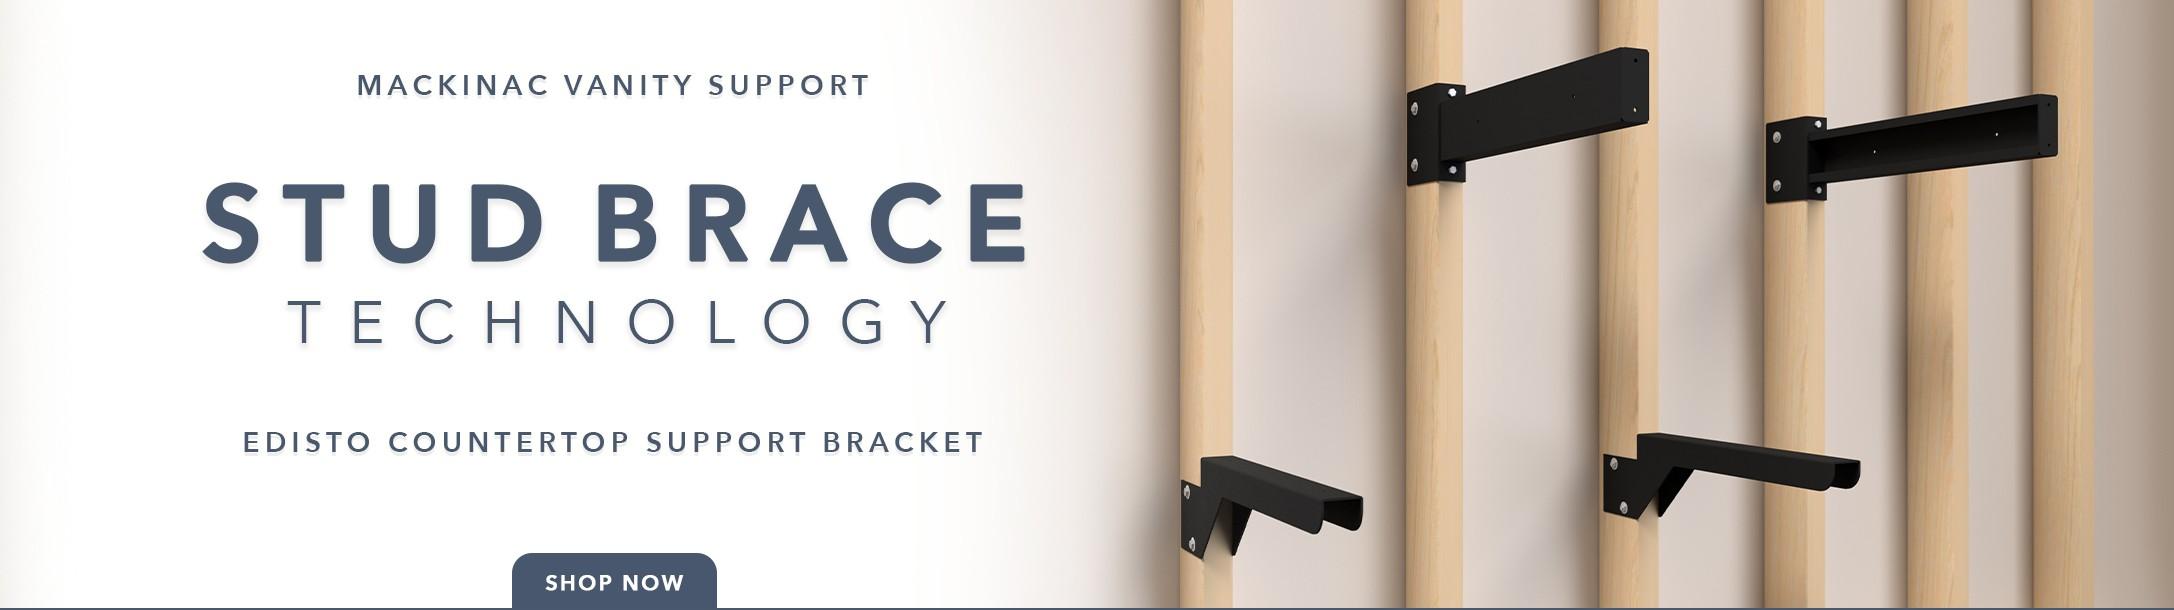 Stud Brace Technology